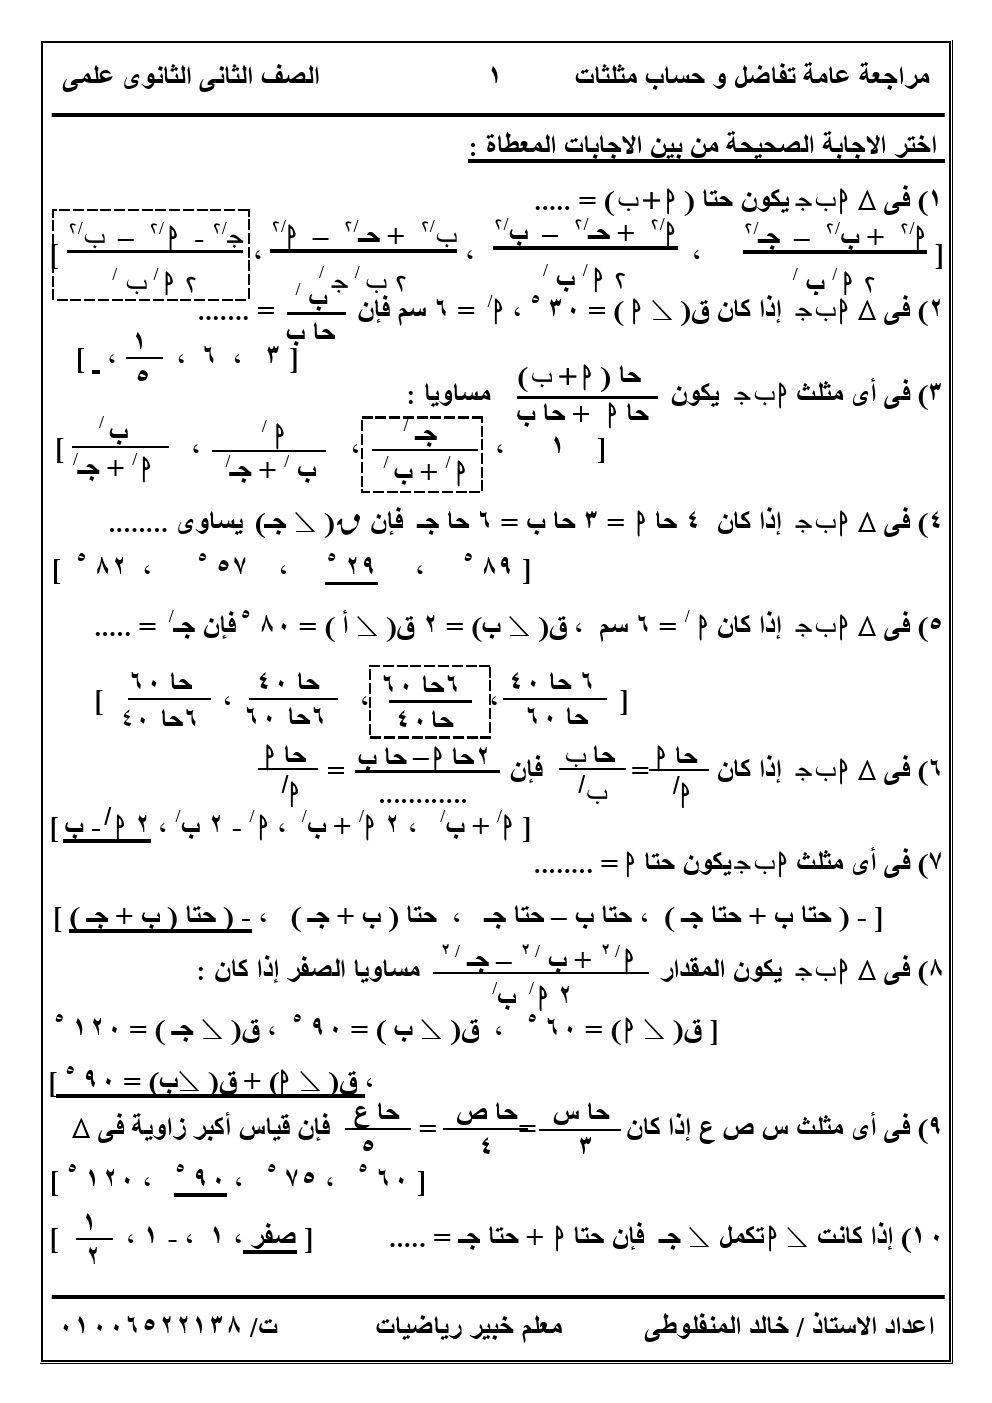 مراجعة عامة علي مادة التفاضل و حساب المثلثات للصف الثاني الثانوي الترم الأول 2019 Math Sheet Music Math Equations